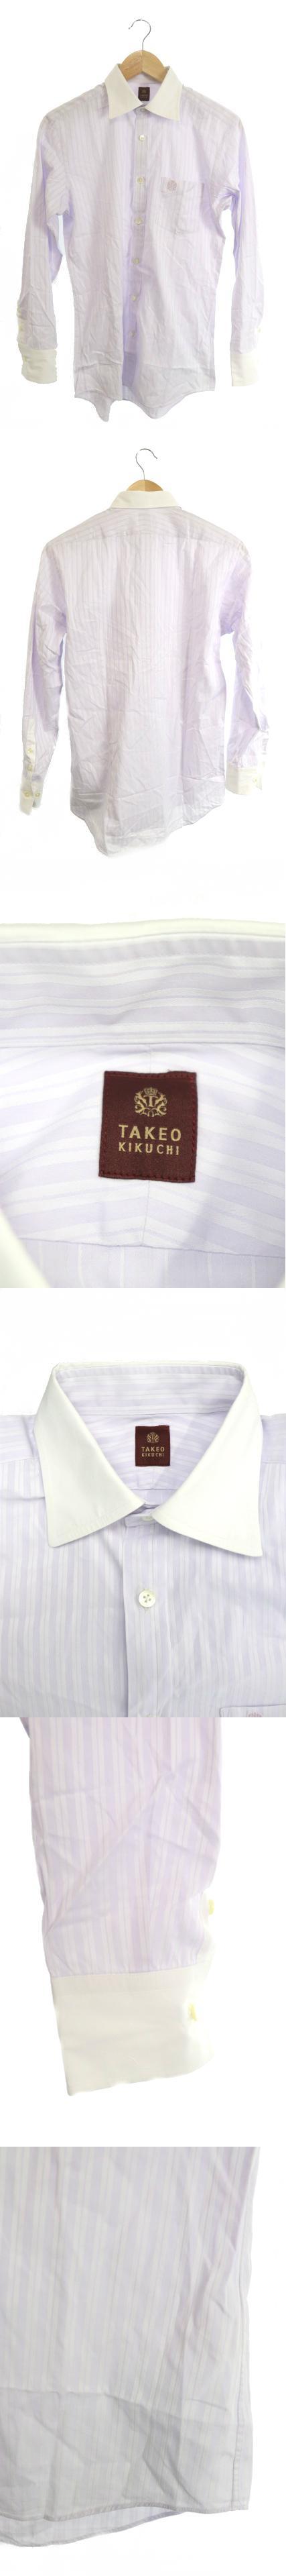 シャツ ワイシャツ クレリック ストライプ ワンポイント 刺繍 長袖 1 紫 白 パープル ホワイト /M2N14